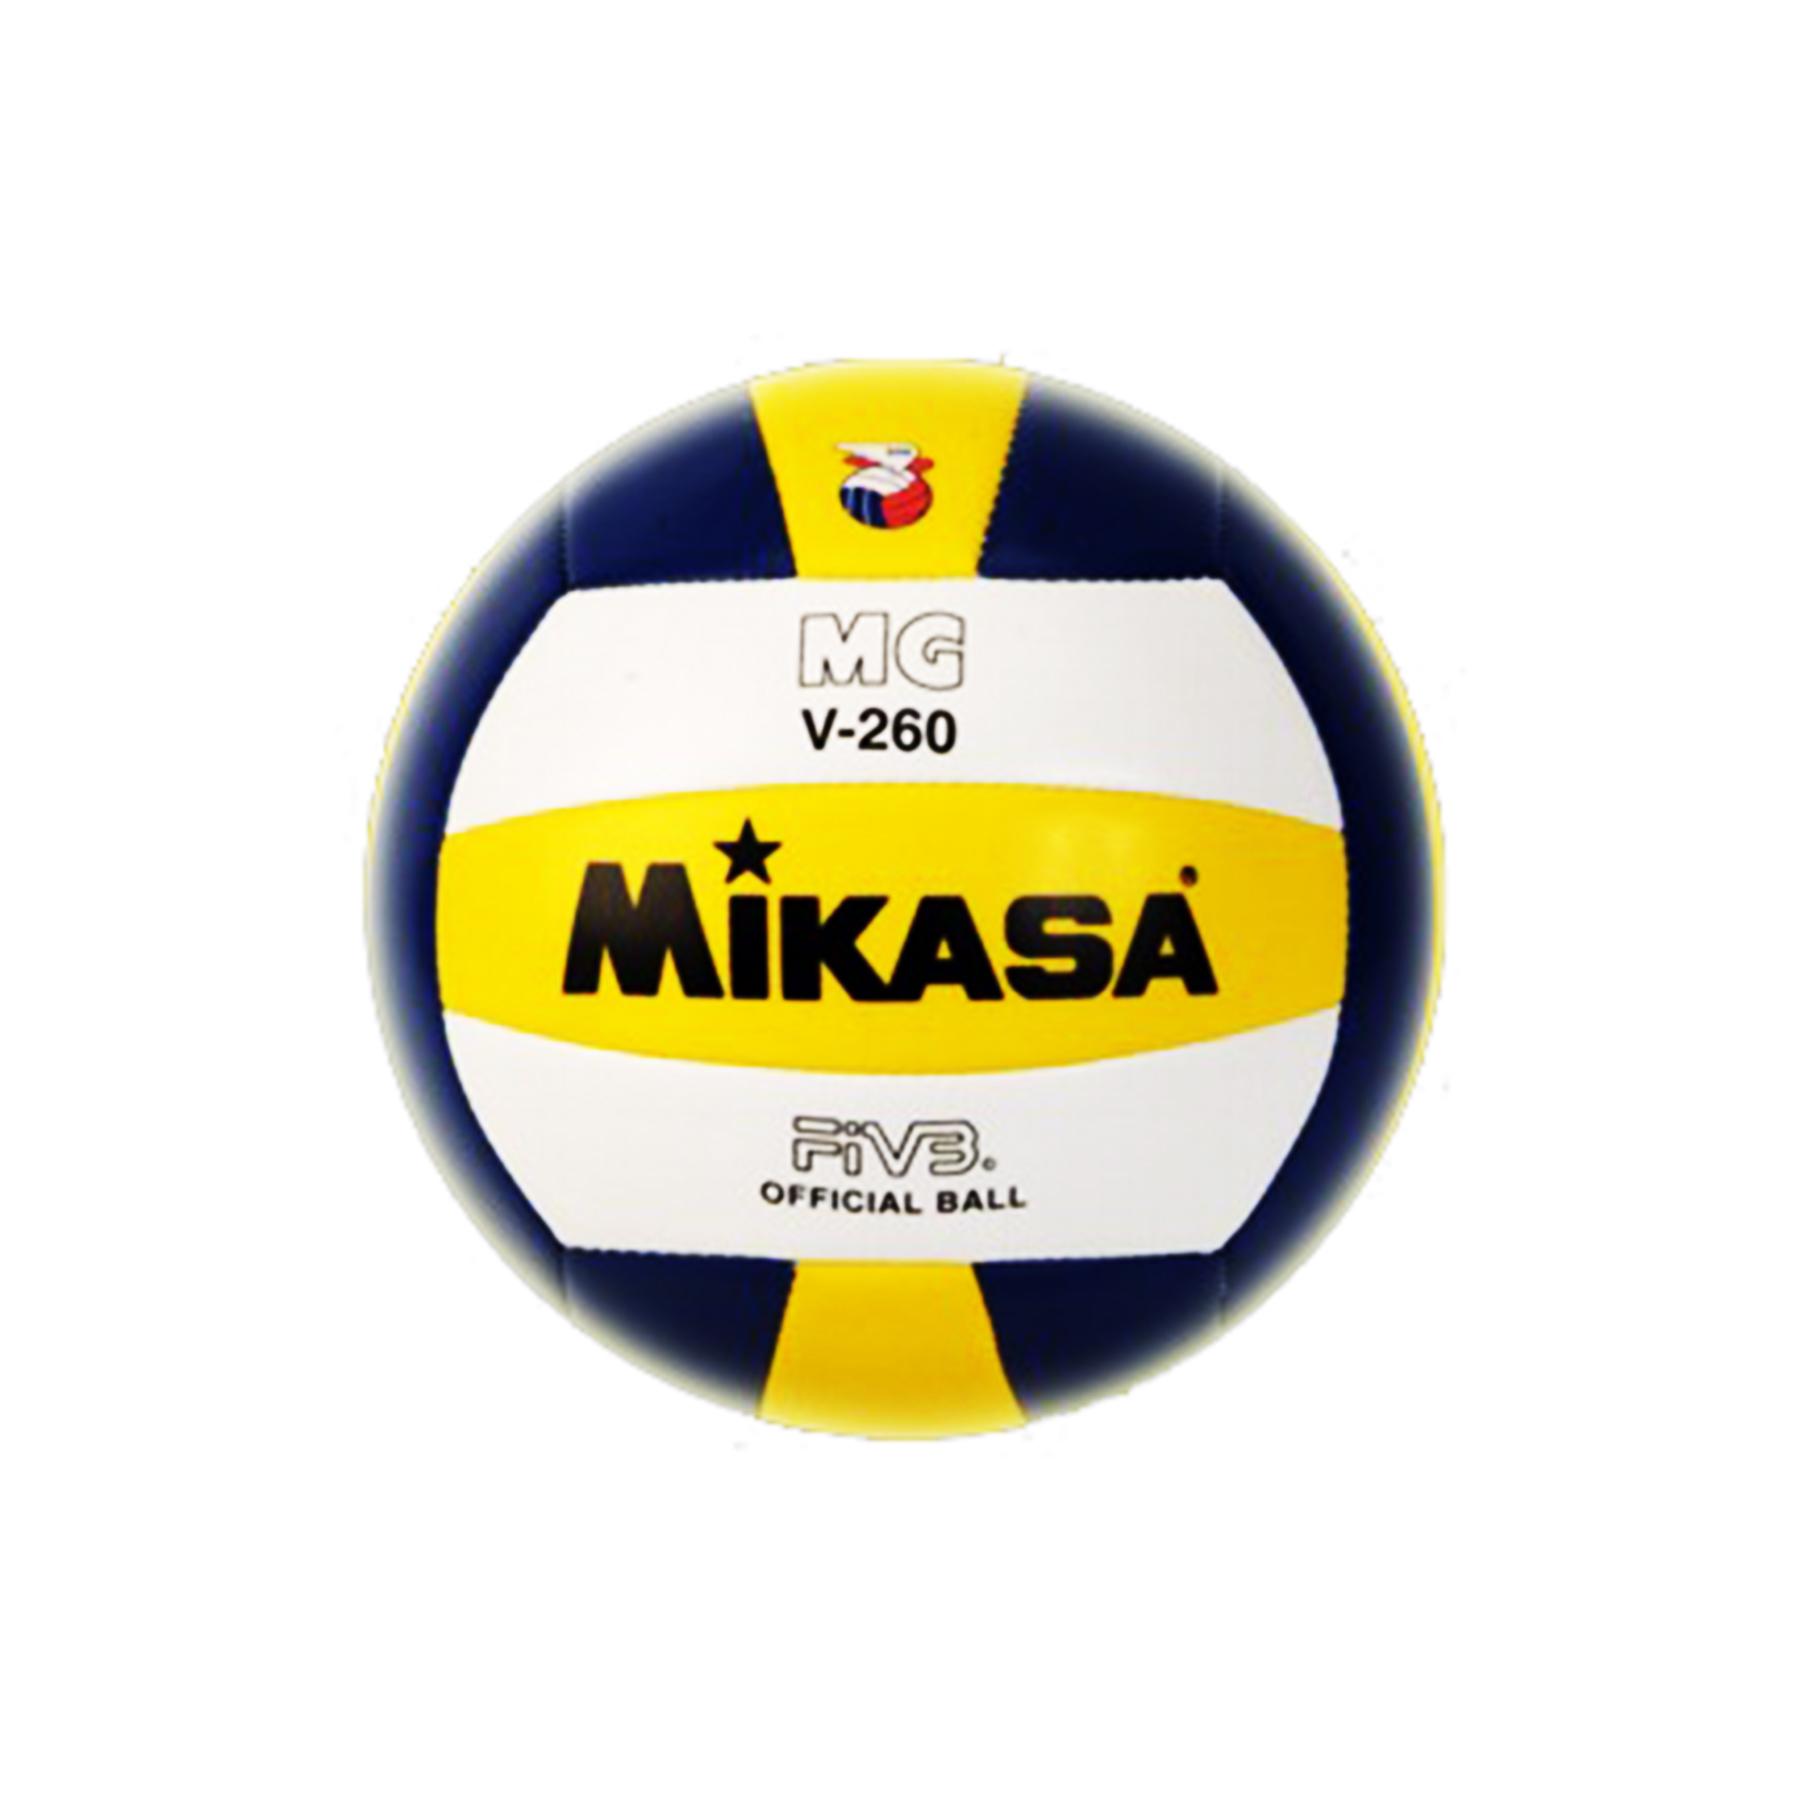 Мяч в/б Микаса MGV-WBK 500 цветной №5  для тренир,мягкая синт кожа,маш сшивка,бутил камера